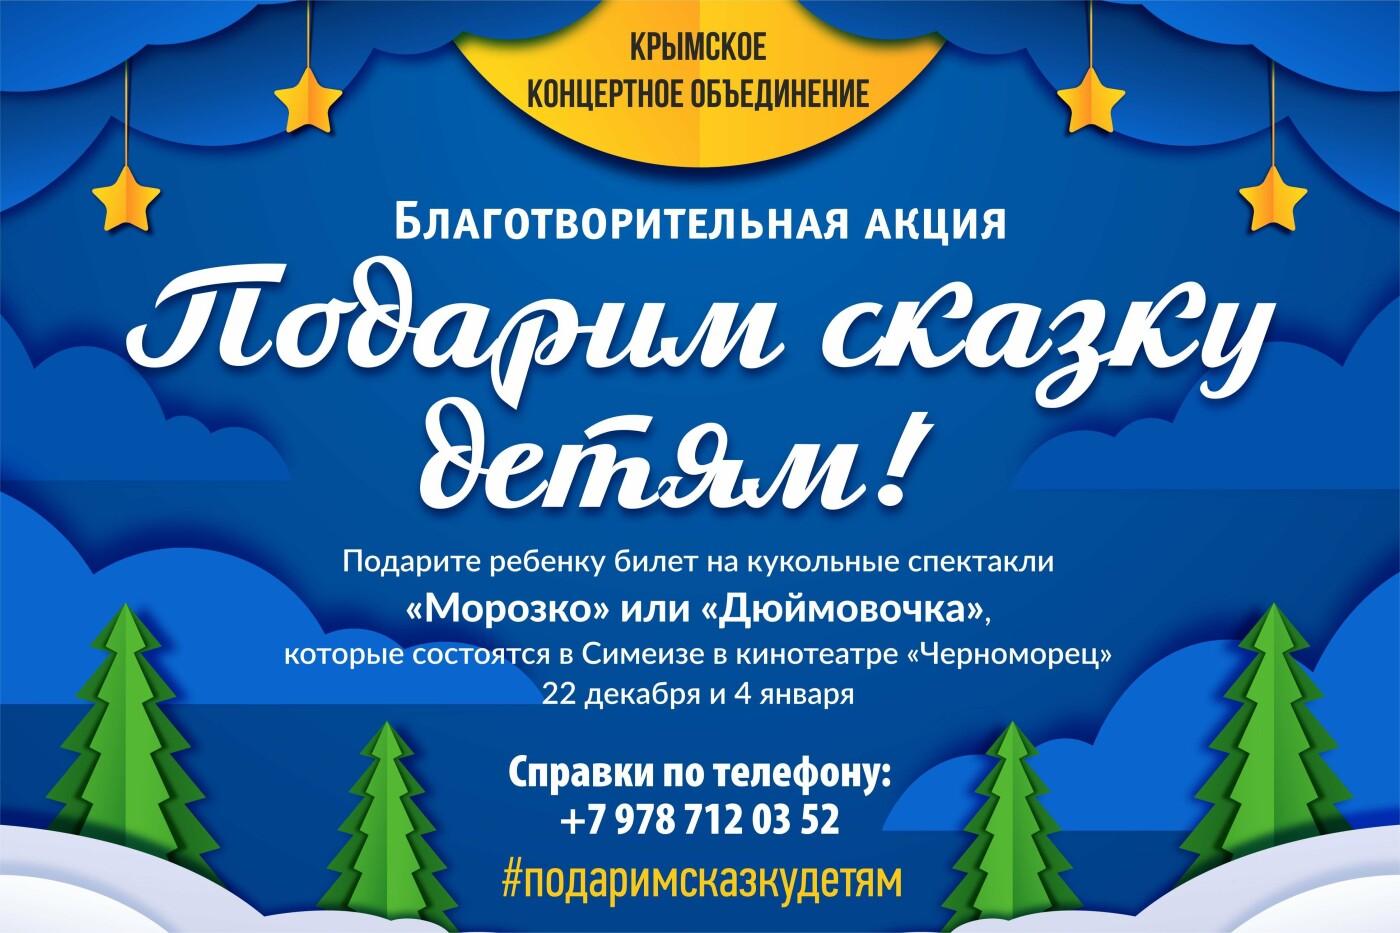 В Ялте стартовала благотворительная акция  «Подарим сказку детям» , фото-1